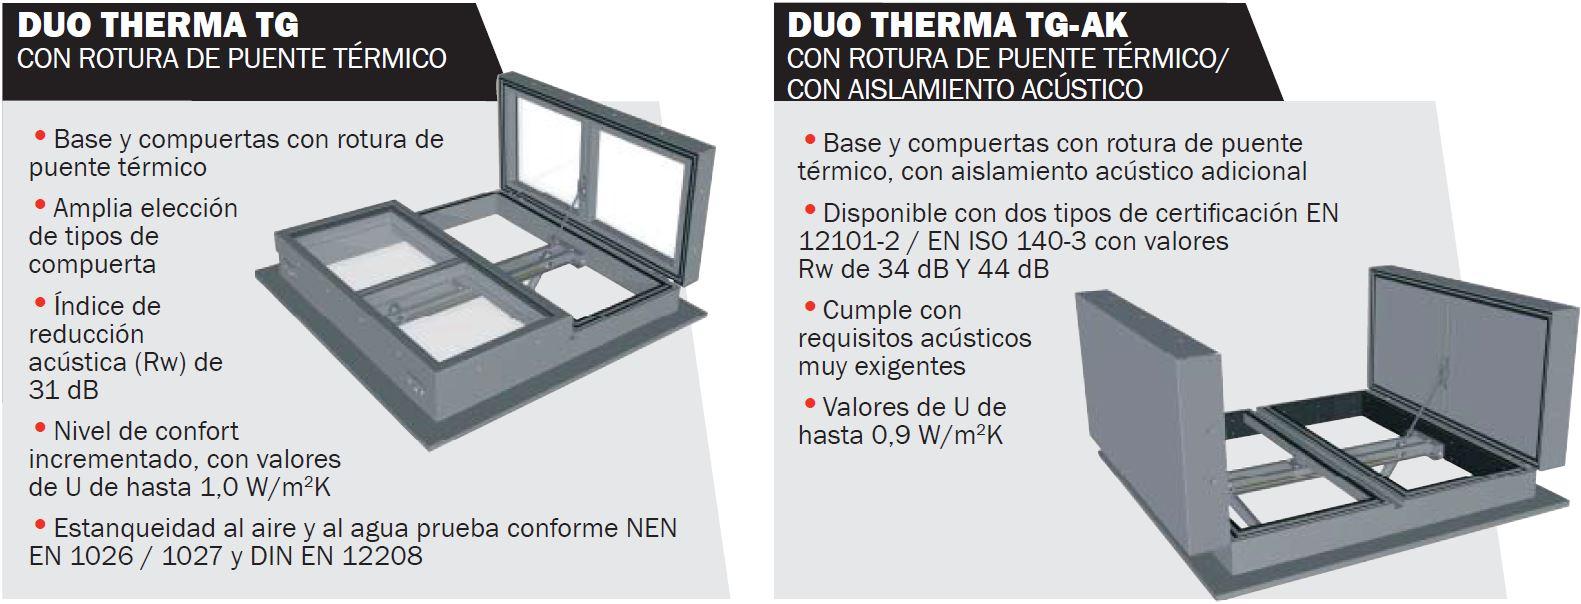 Aireador Duo Therma